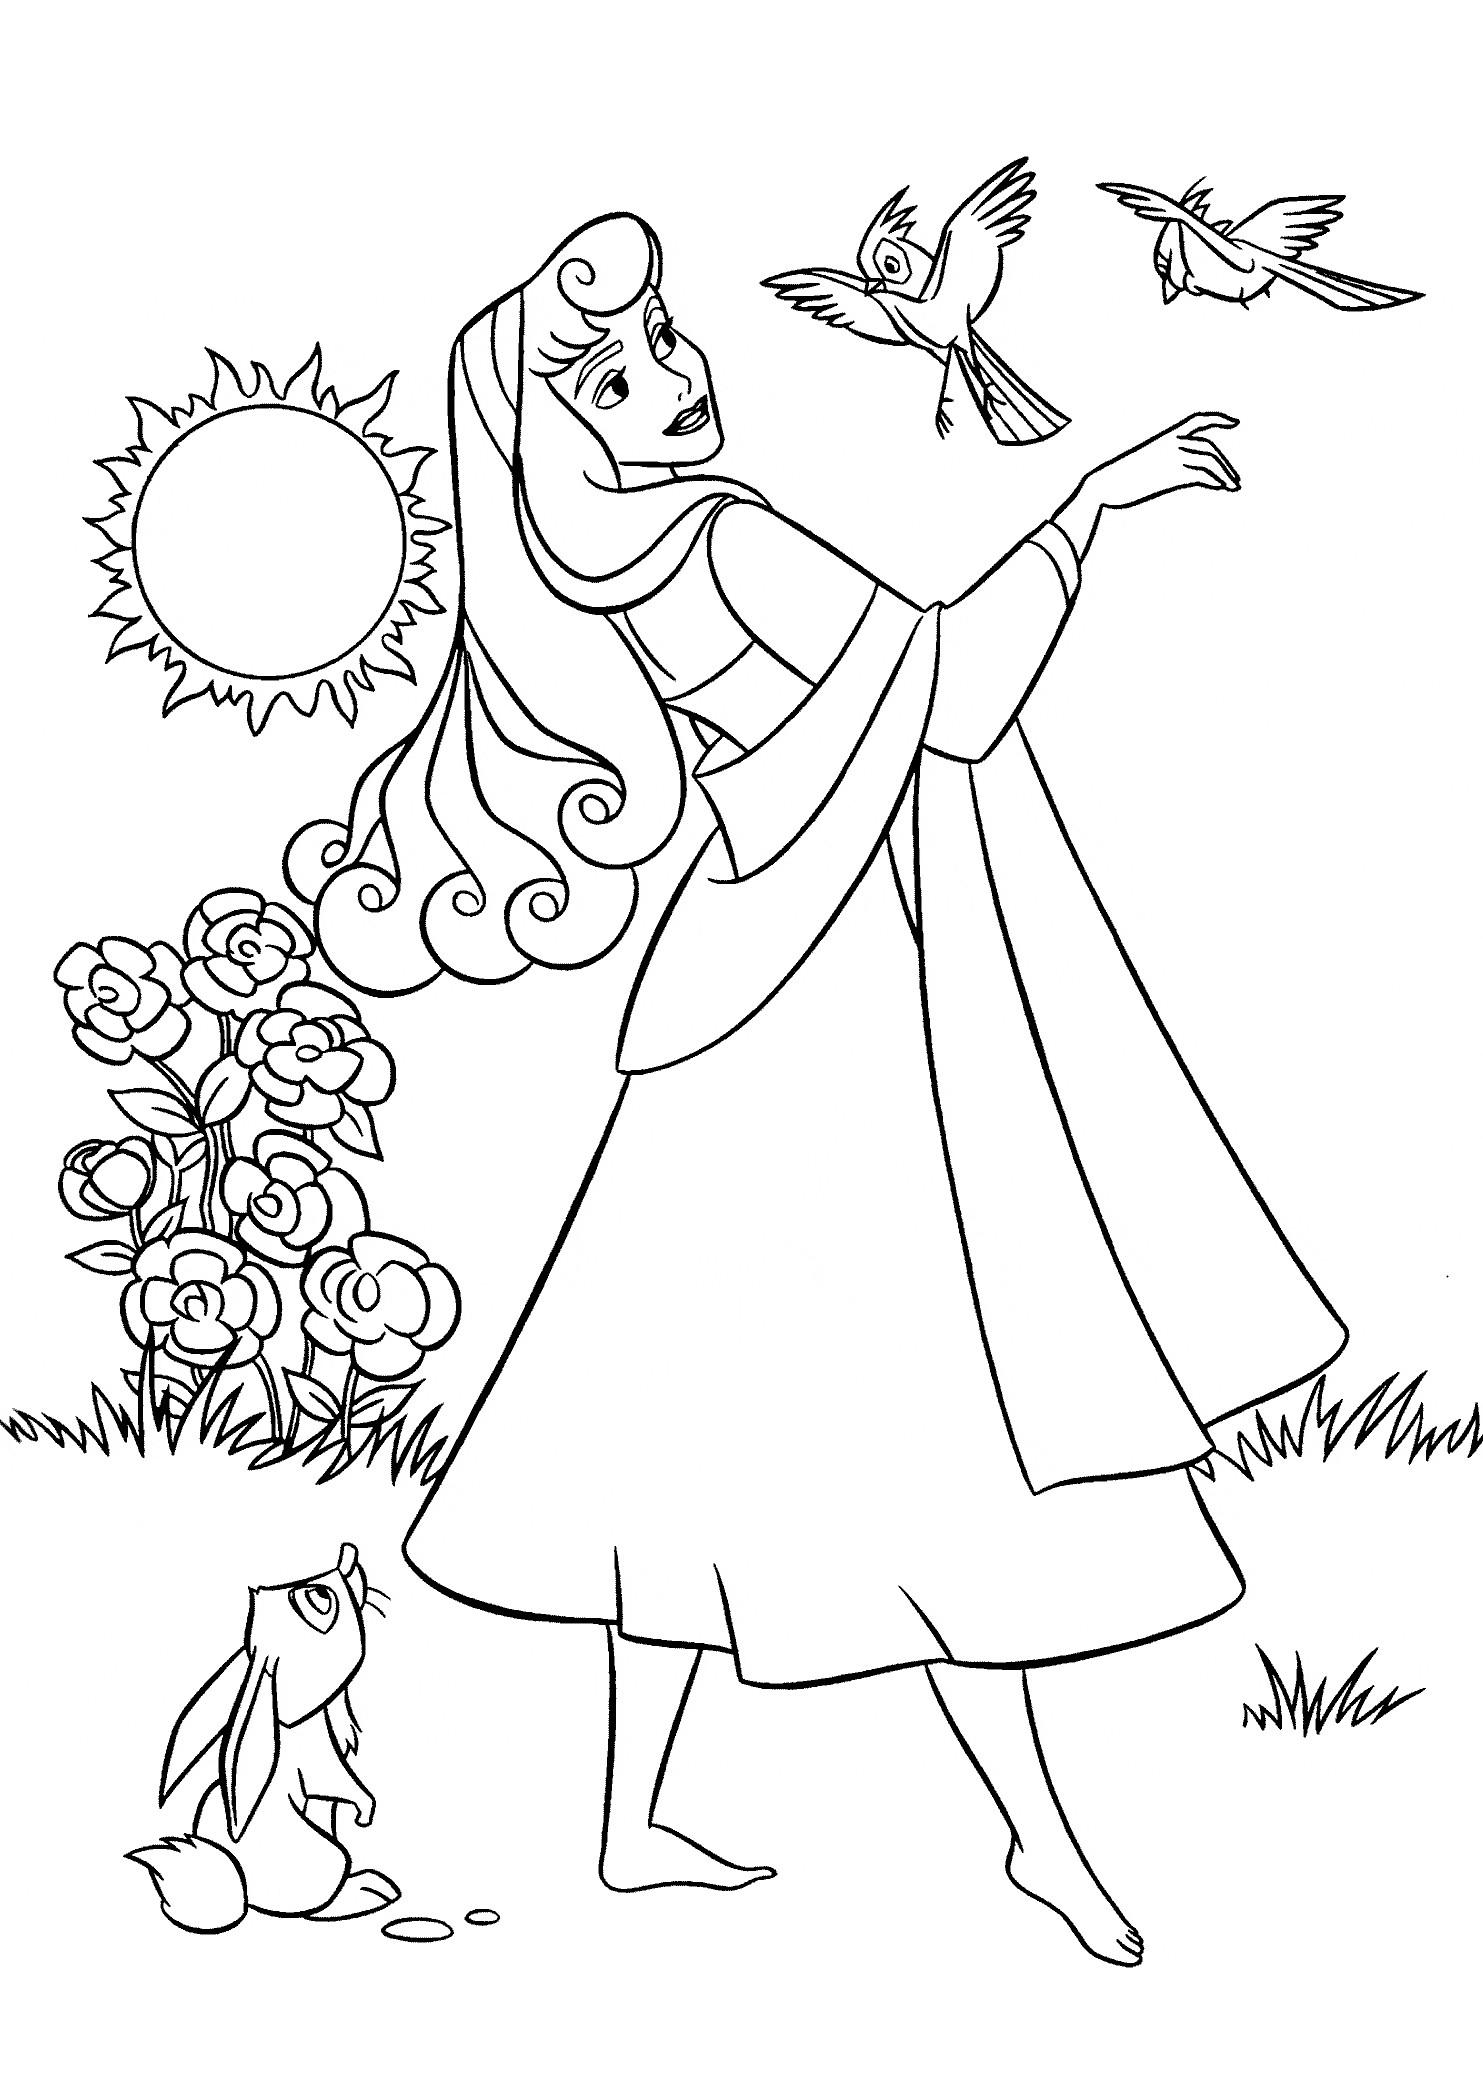 Раскраски принцесса Дисней для девочек «Принцесса Аврора в лесу с животными», чтобы распечатать